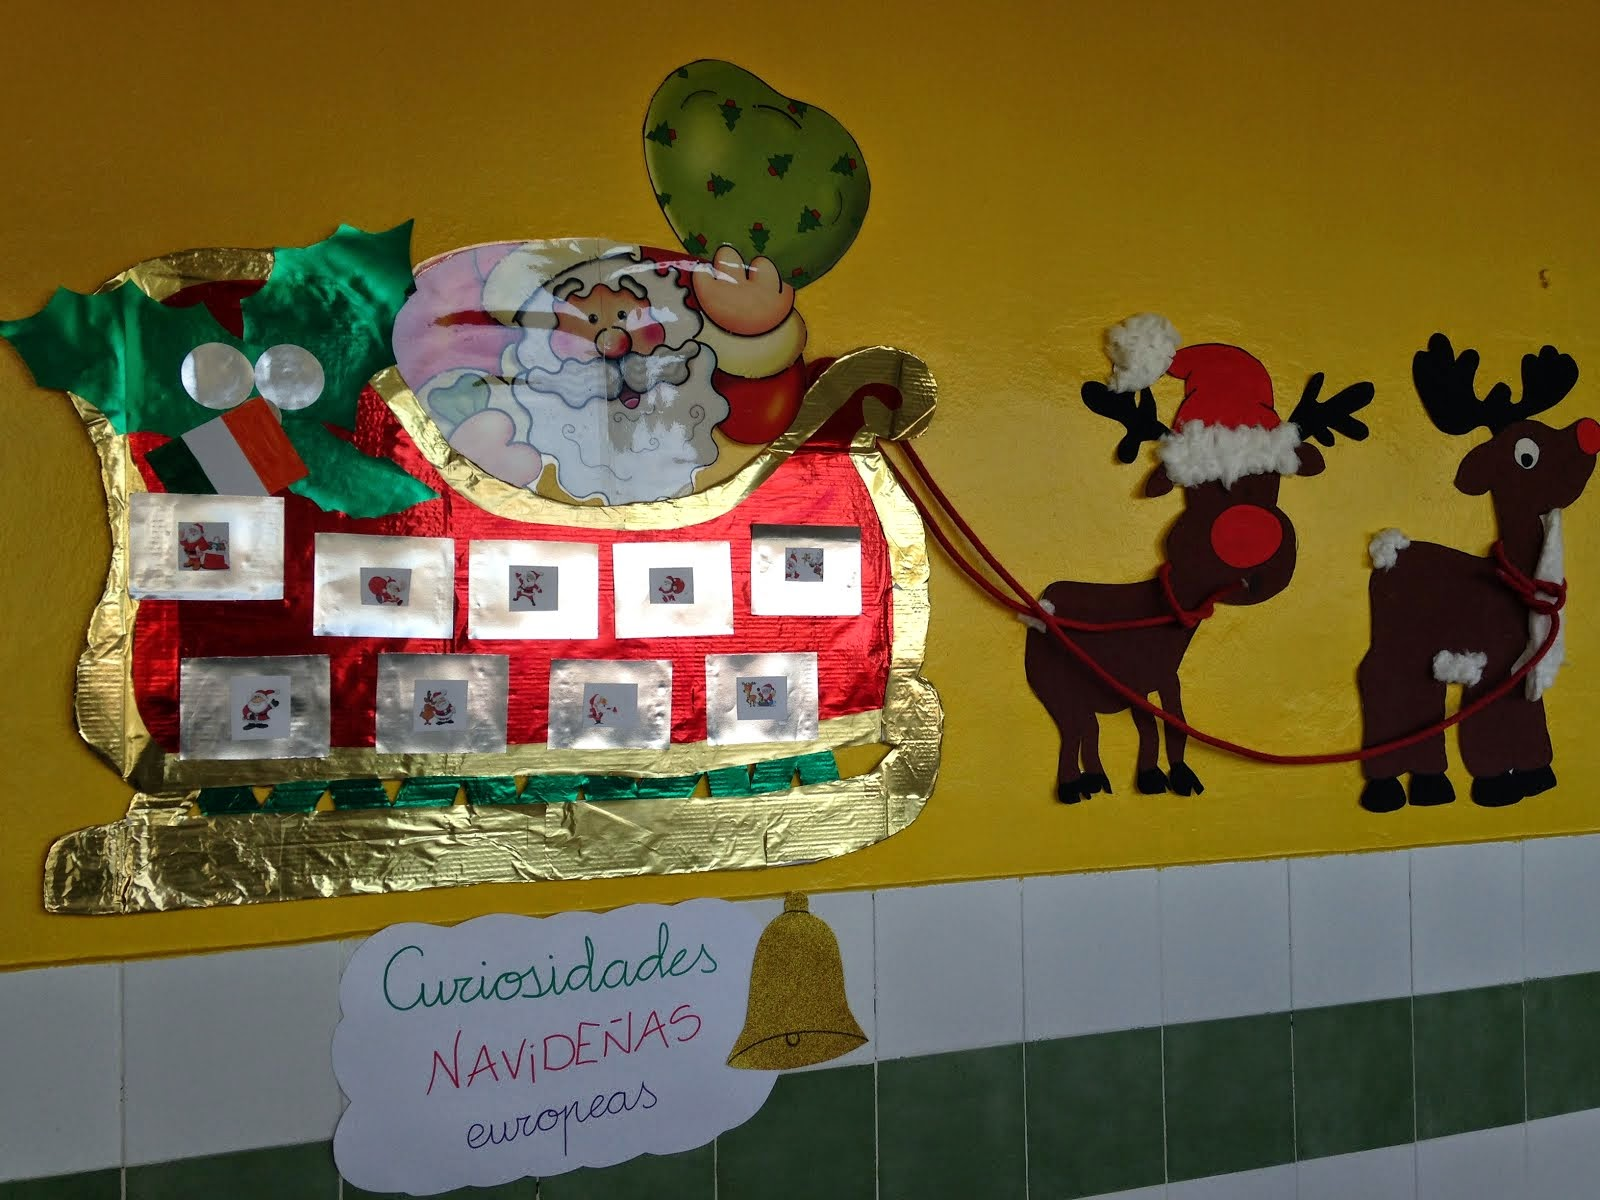 CALENDARIO DE CURIOSIDADES NAVIDEÑAS